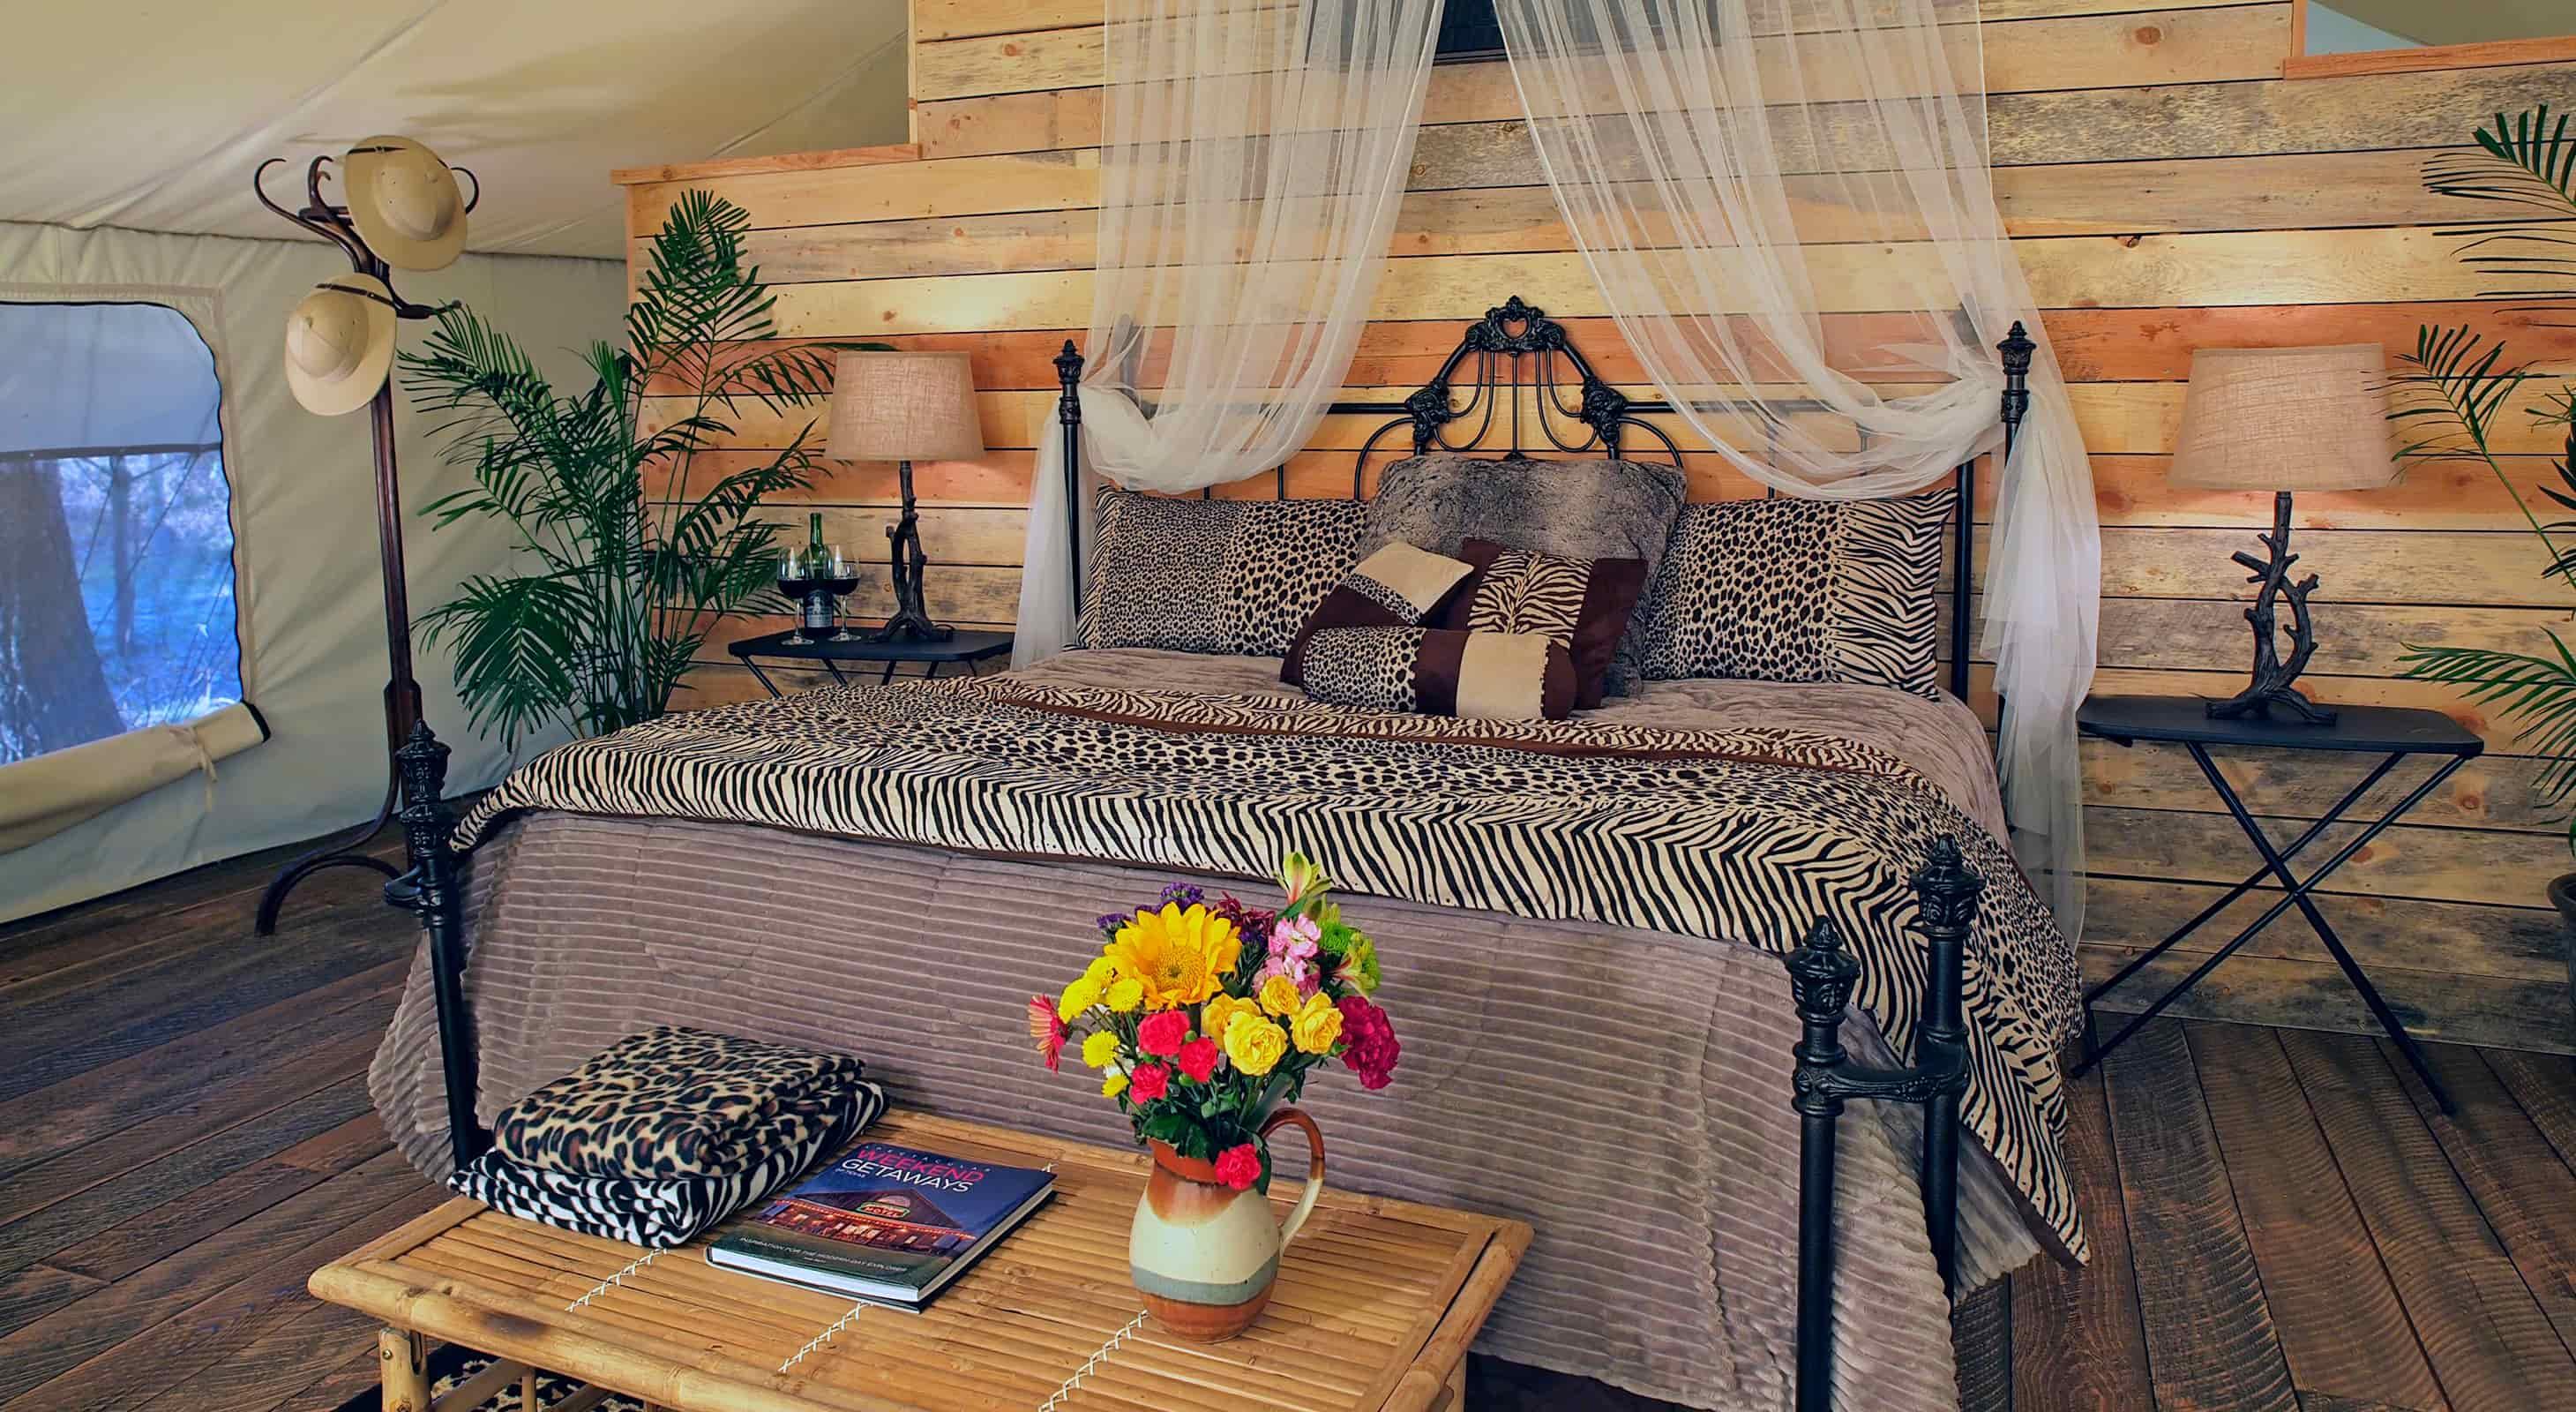 Safari Tent bed